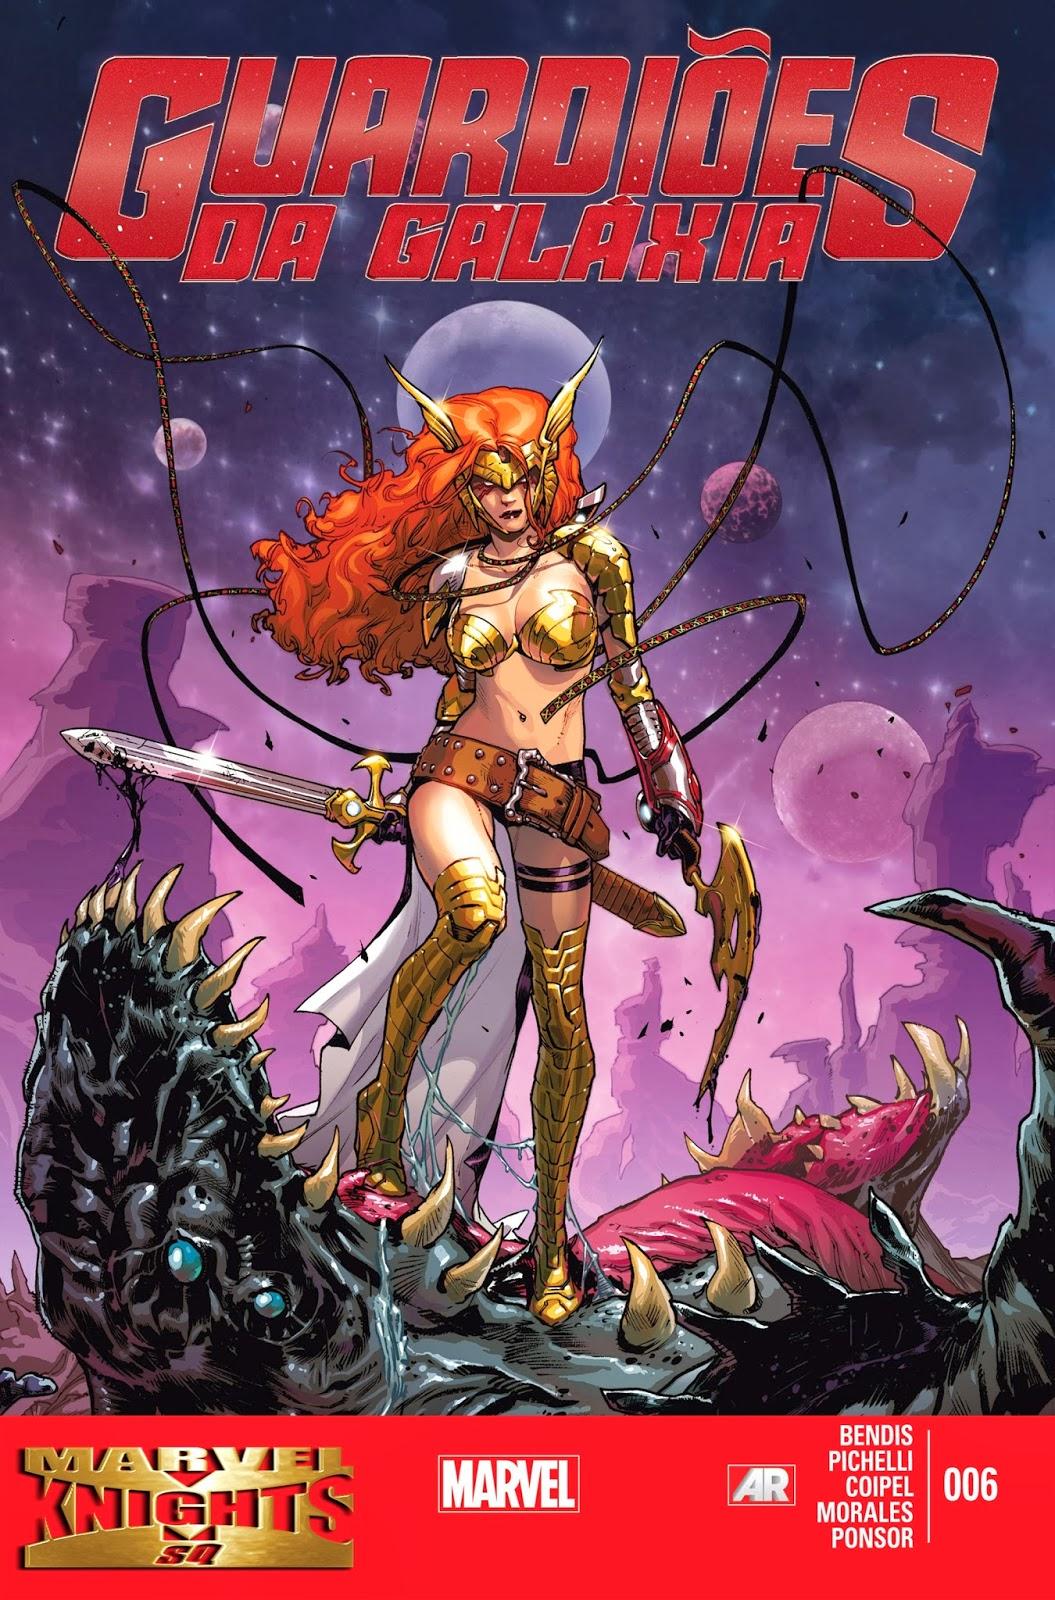 Nova Marvel! Guardiões da Galáxia #6